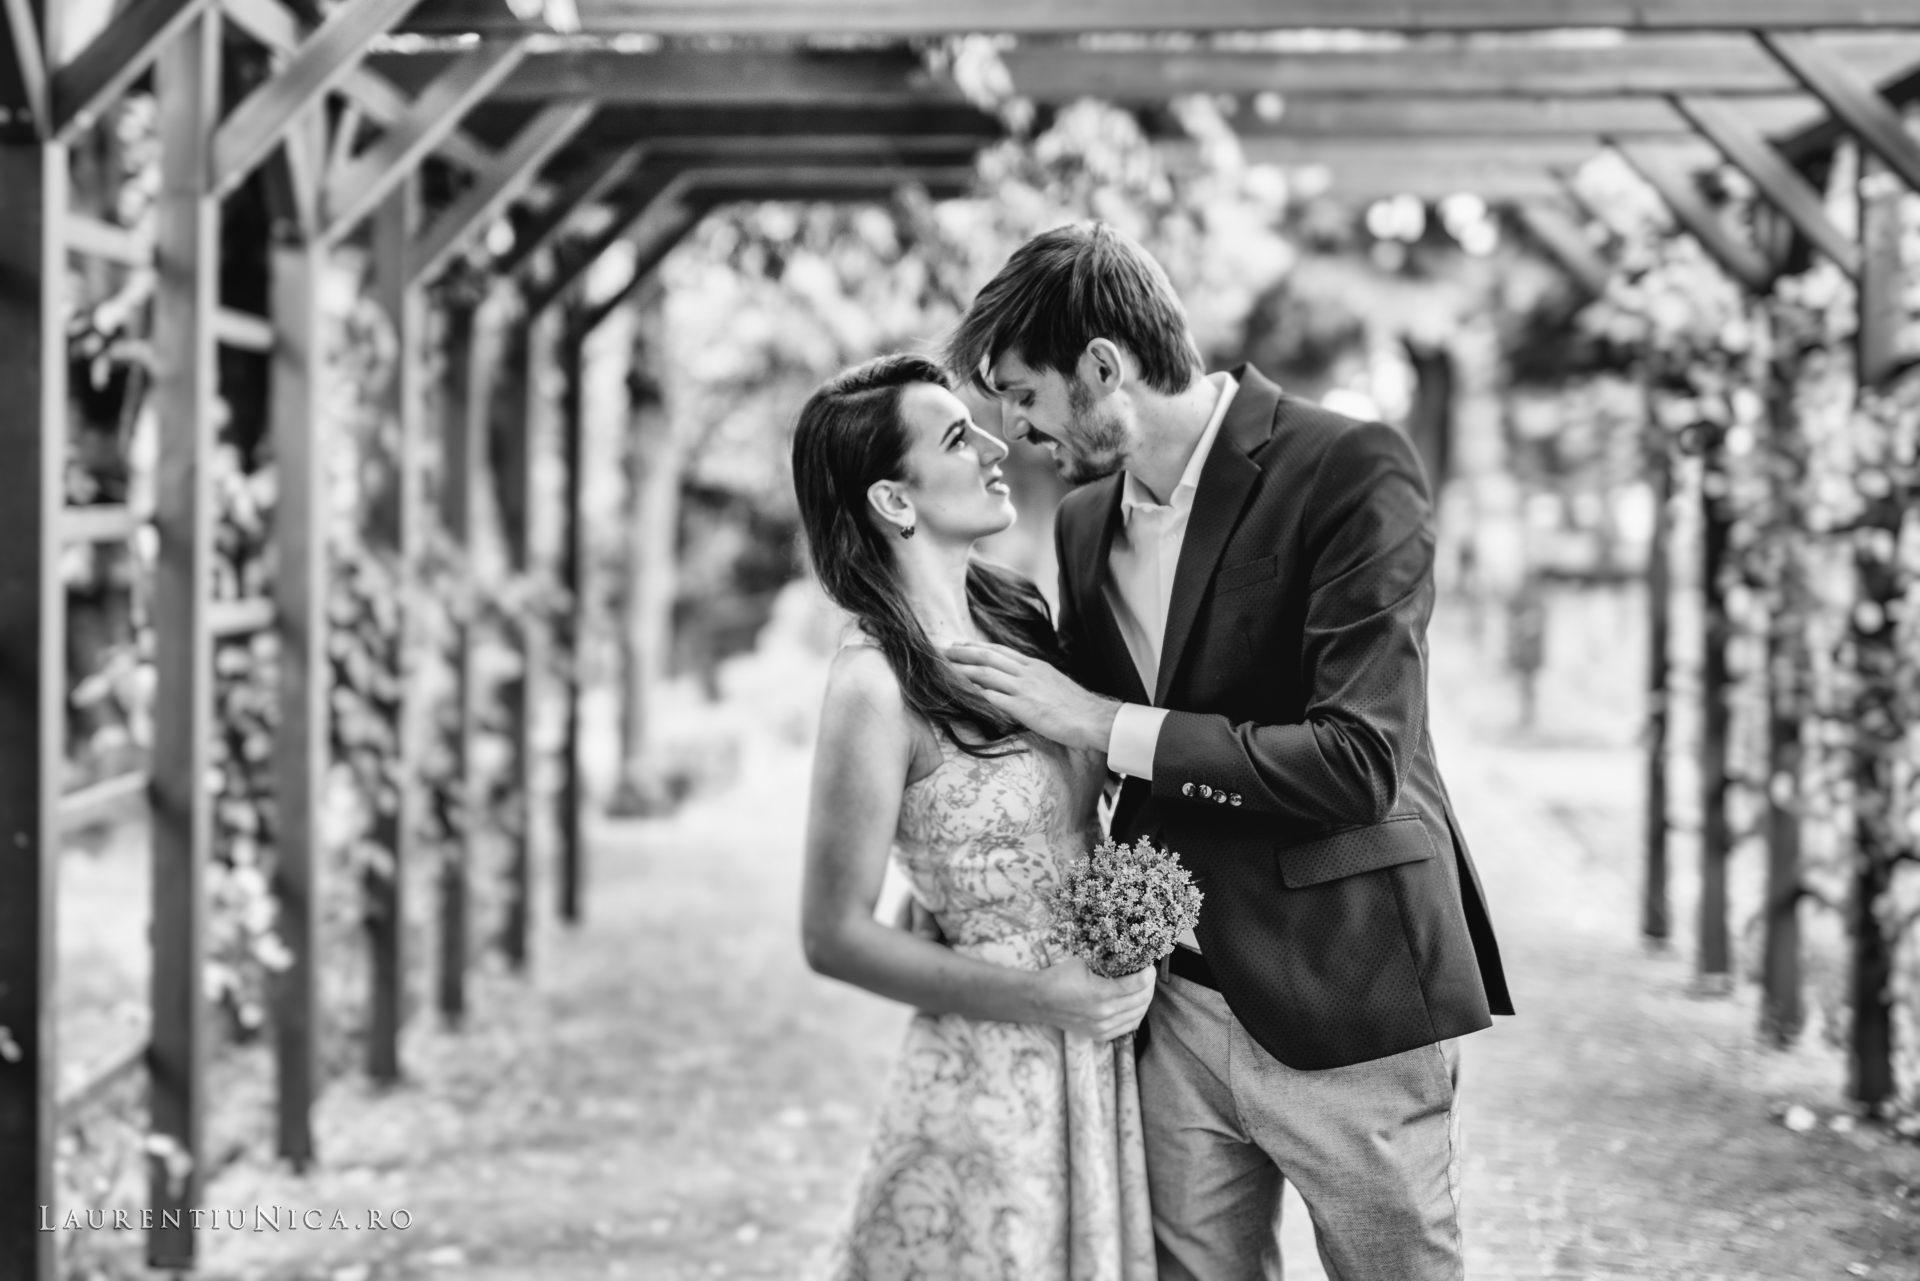 Cristina si Ovidiu nunta Craiova fotograf laurentiu nica 023 - Cristina & Ovidiu | Fotografii nunta | Craiova